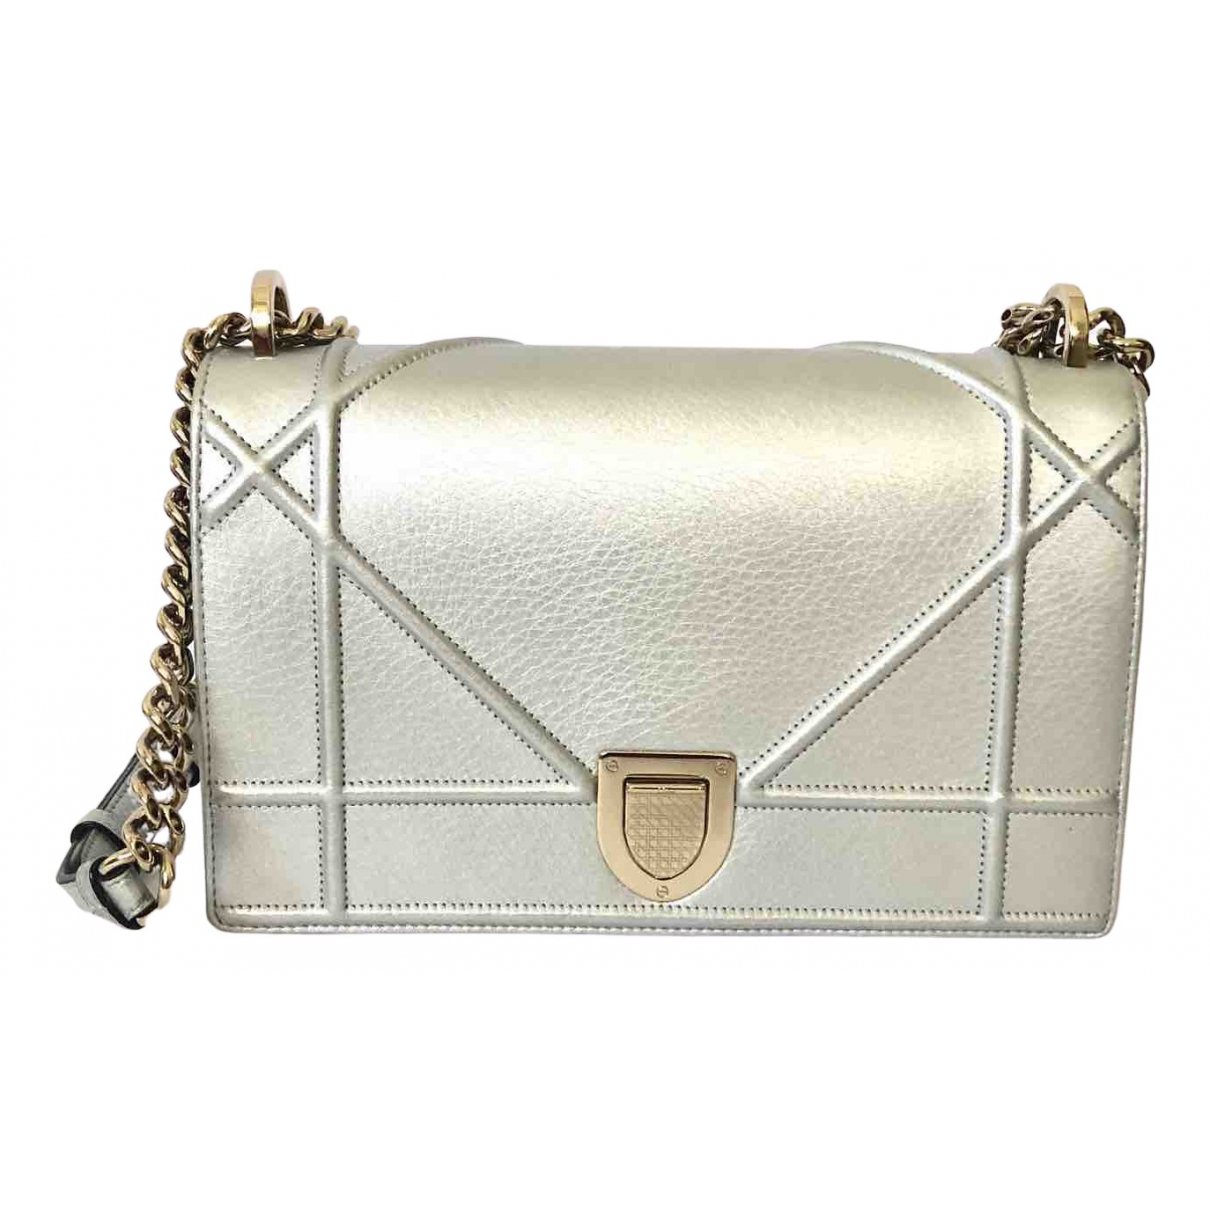 Dior - Sac a main Diorama pour femme en cuir - argente